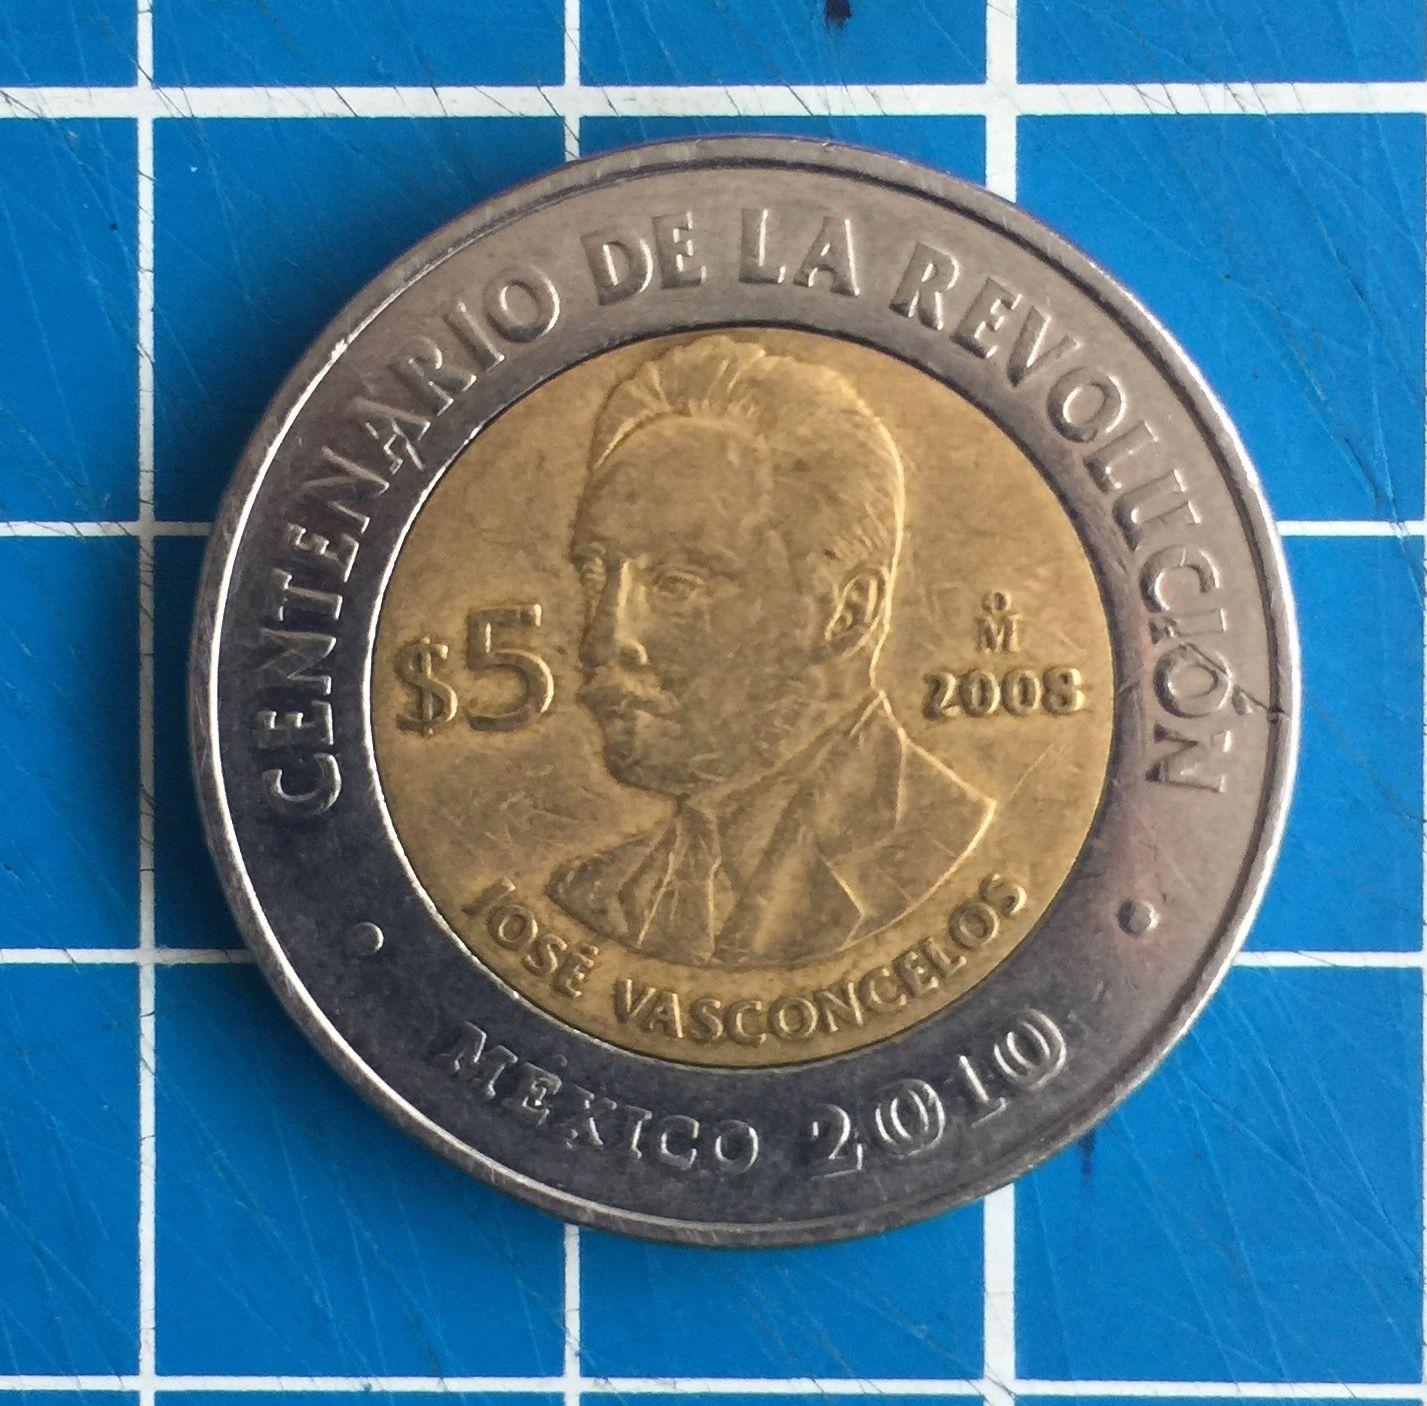 José Vasconcelos, moneda de México